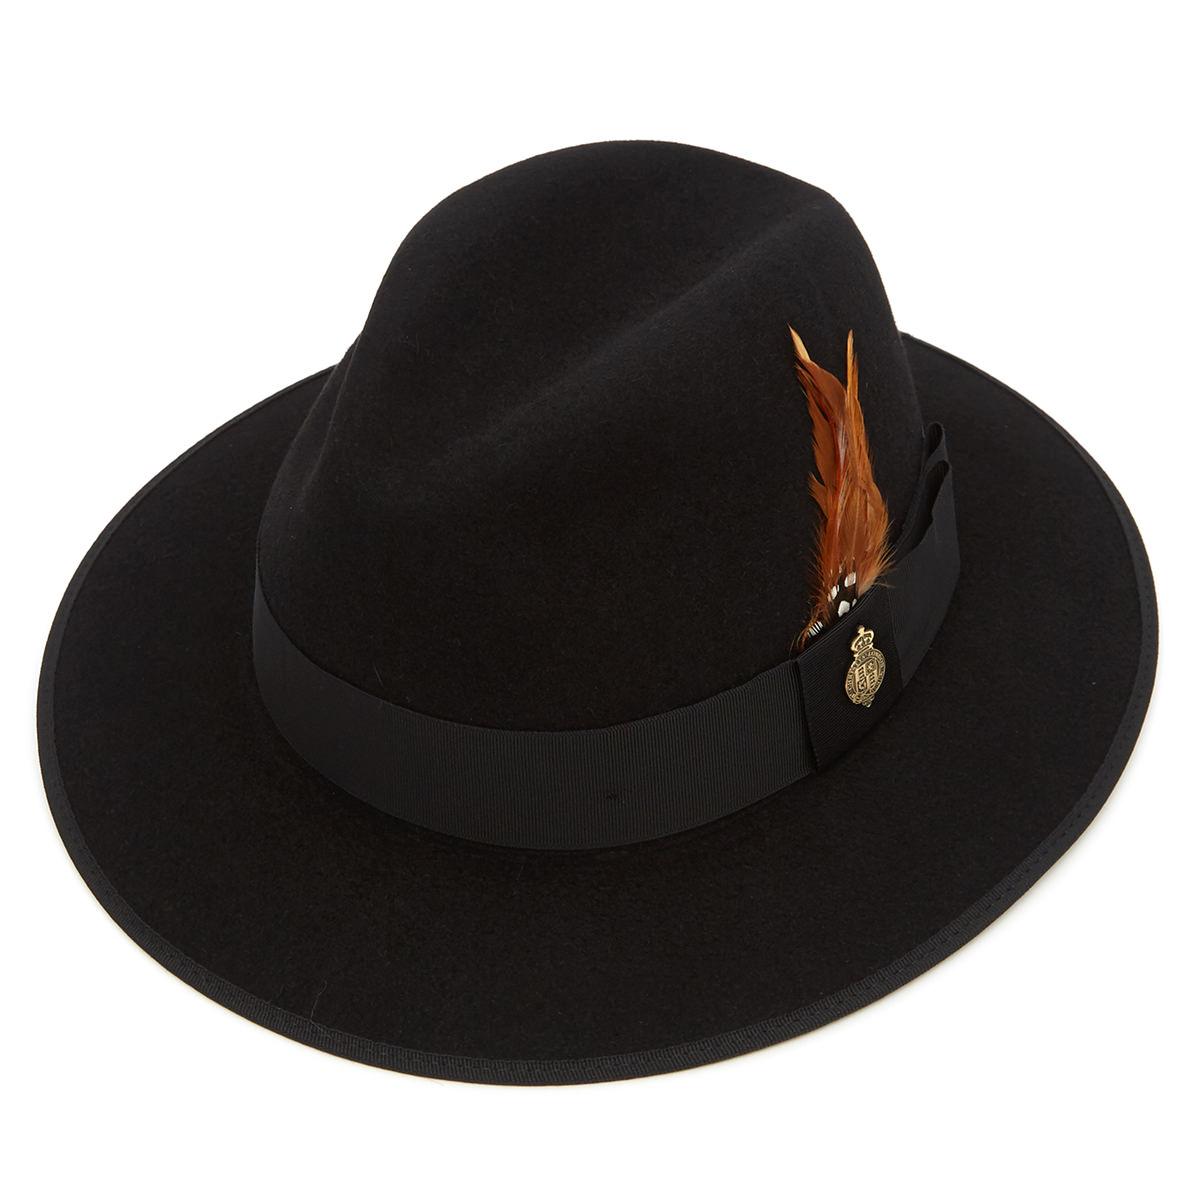 Farnham Down Brim Fur Felt Trilby Hat Black 55